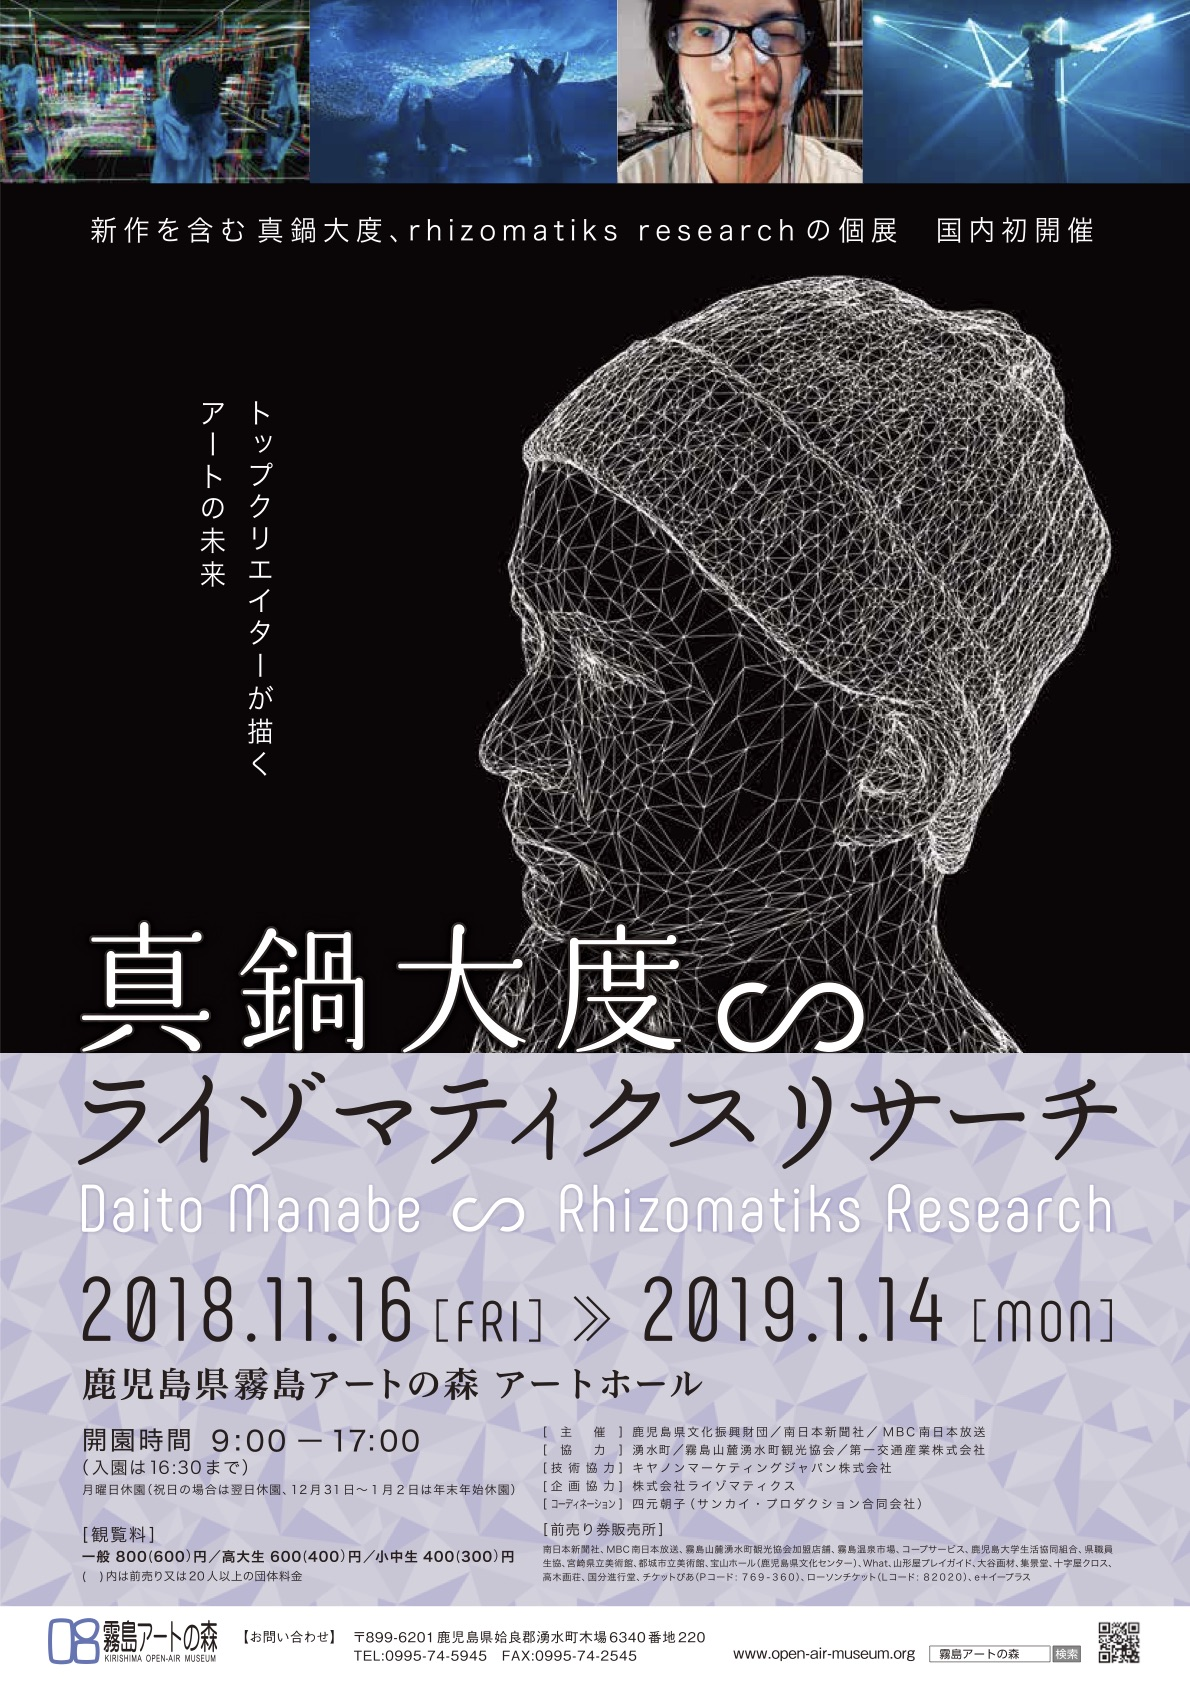 特別企画展「真鍋大度∽ライゾマティクスリサーチ」 | 情報科学芸術 ...